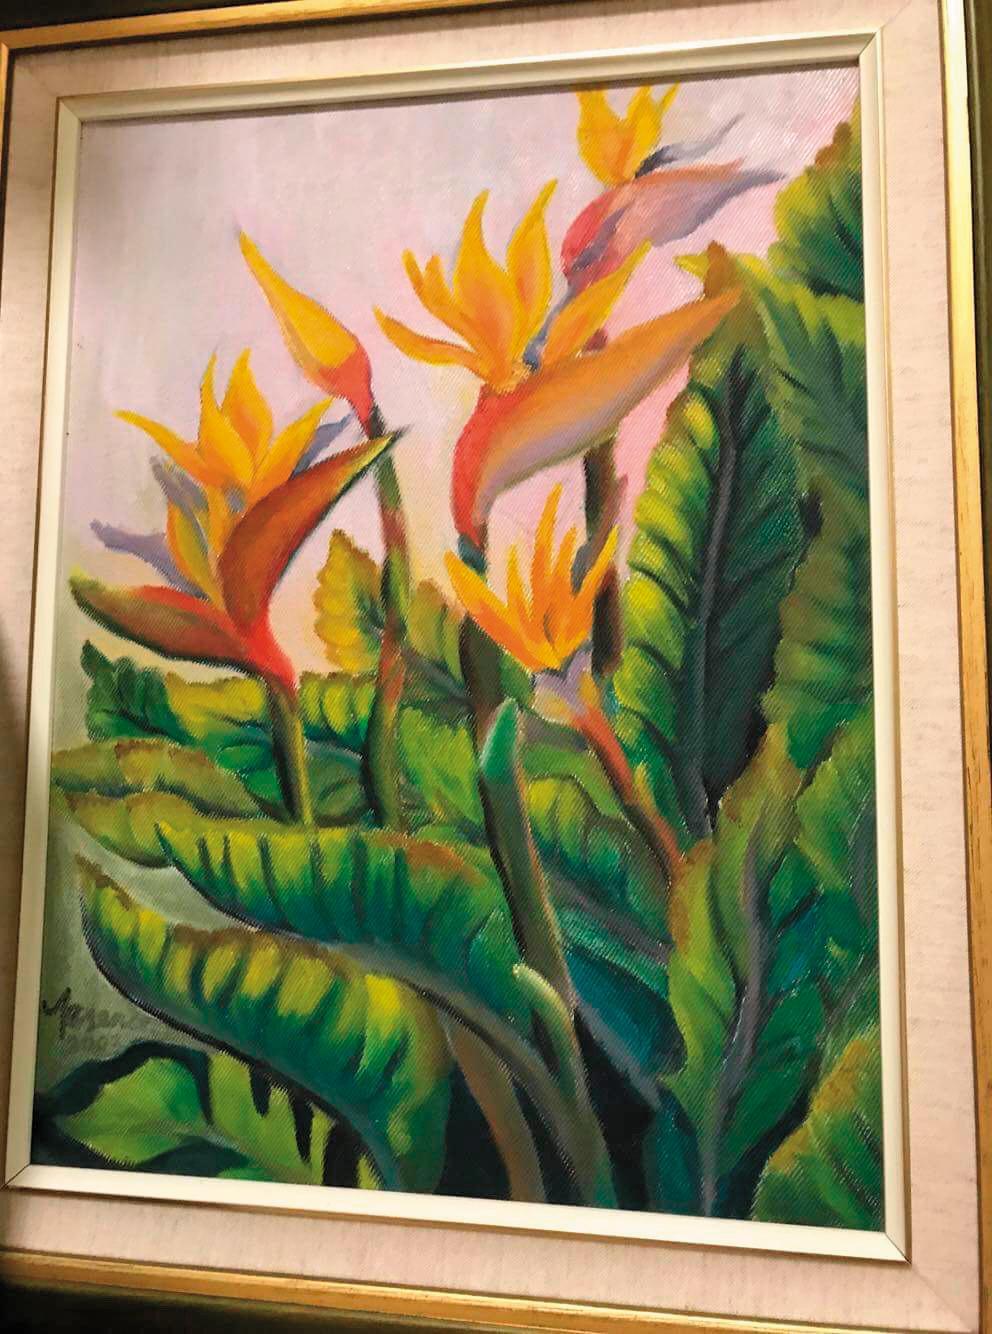 除了組盆栽,王董也愛畫畫,這幅天堂鳥就栩栩如生。